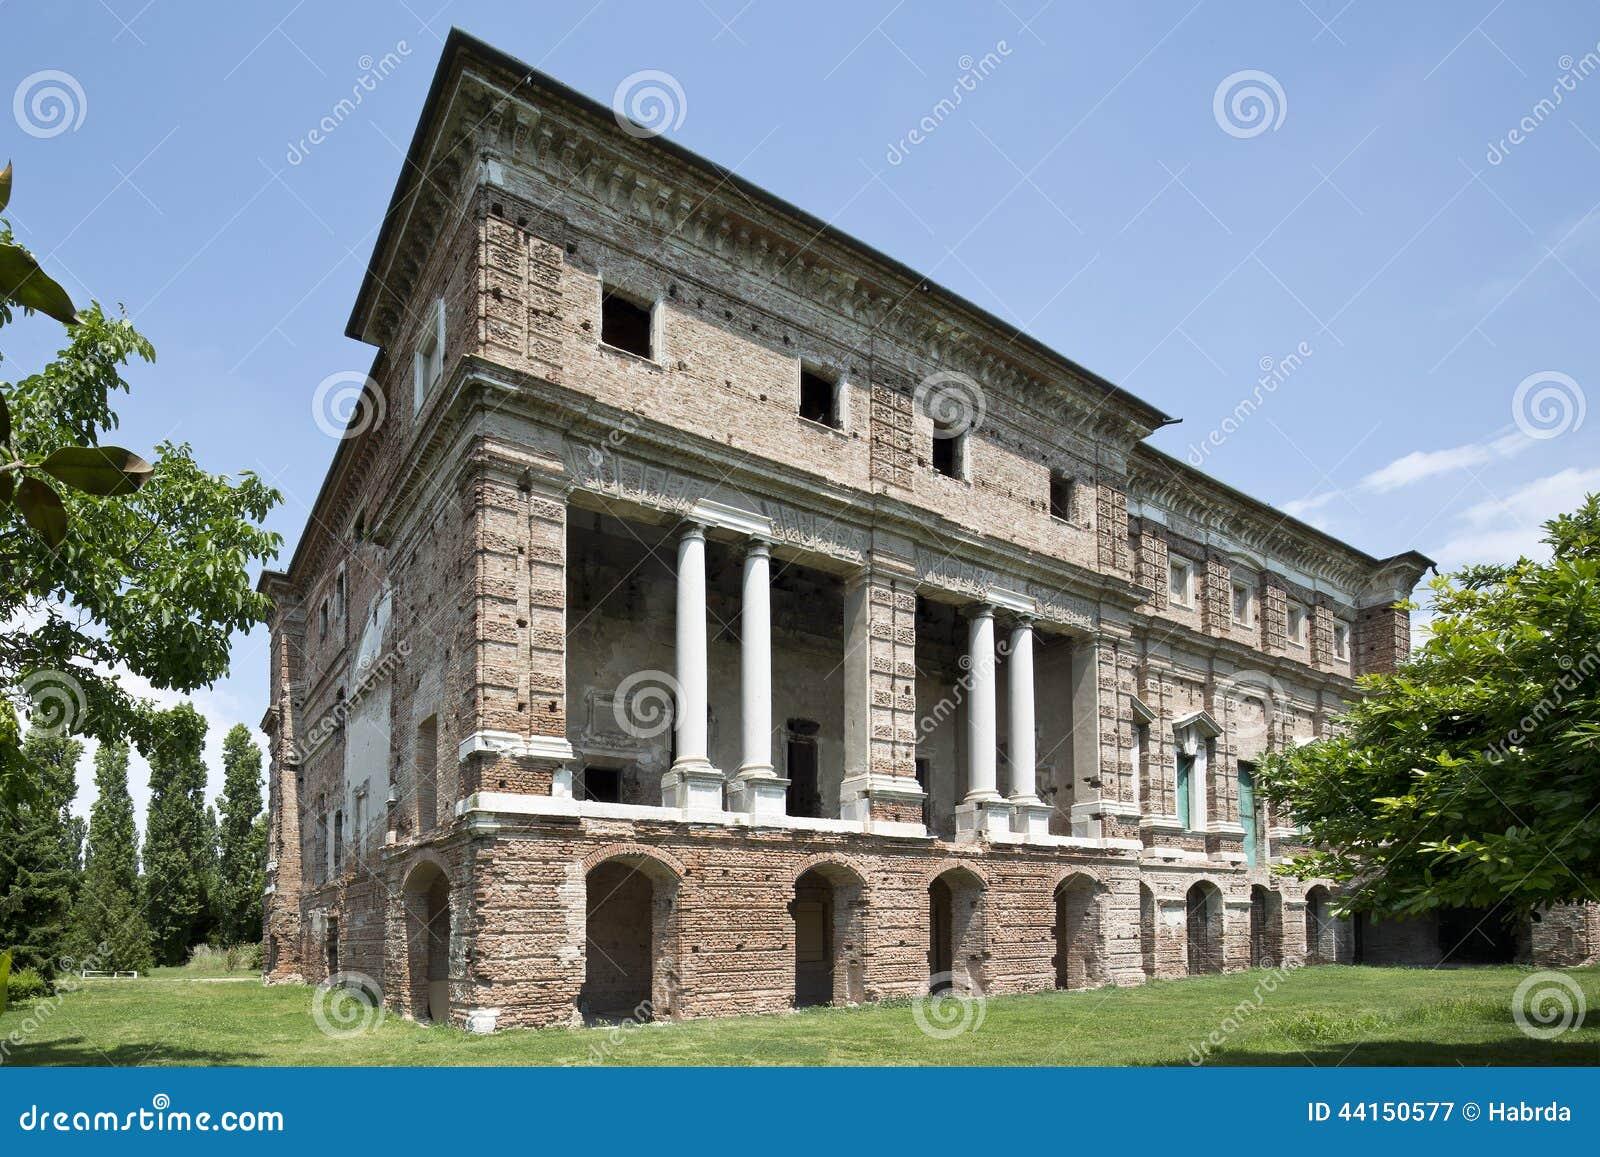 Villa favorita mantova all 39 italia immagine stock for Villa la favorita mantova matrimonio